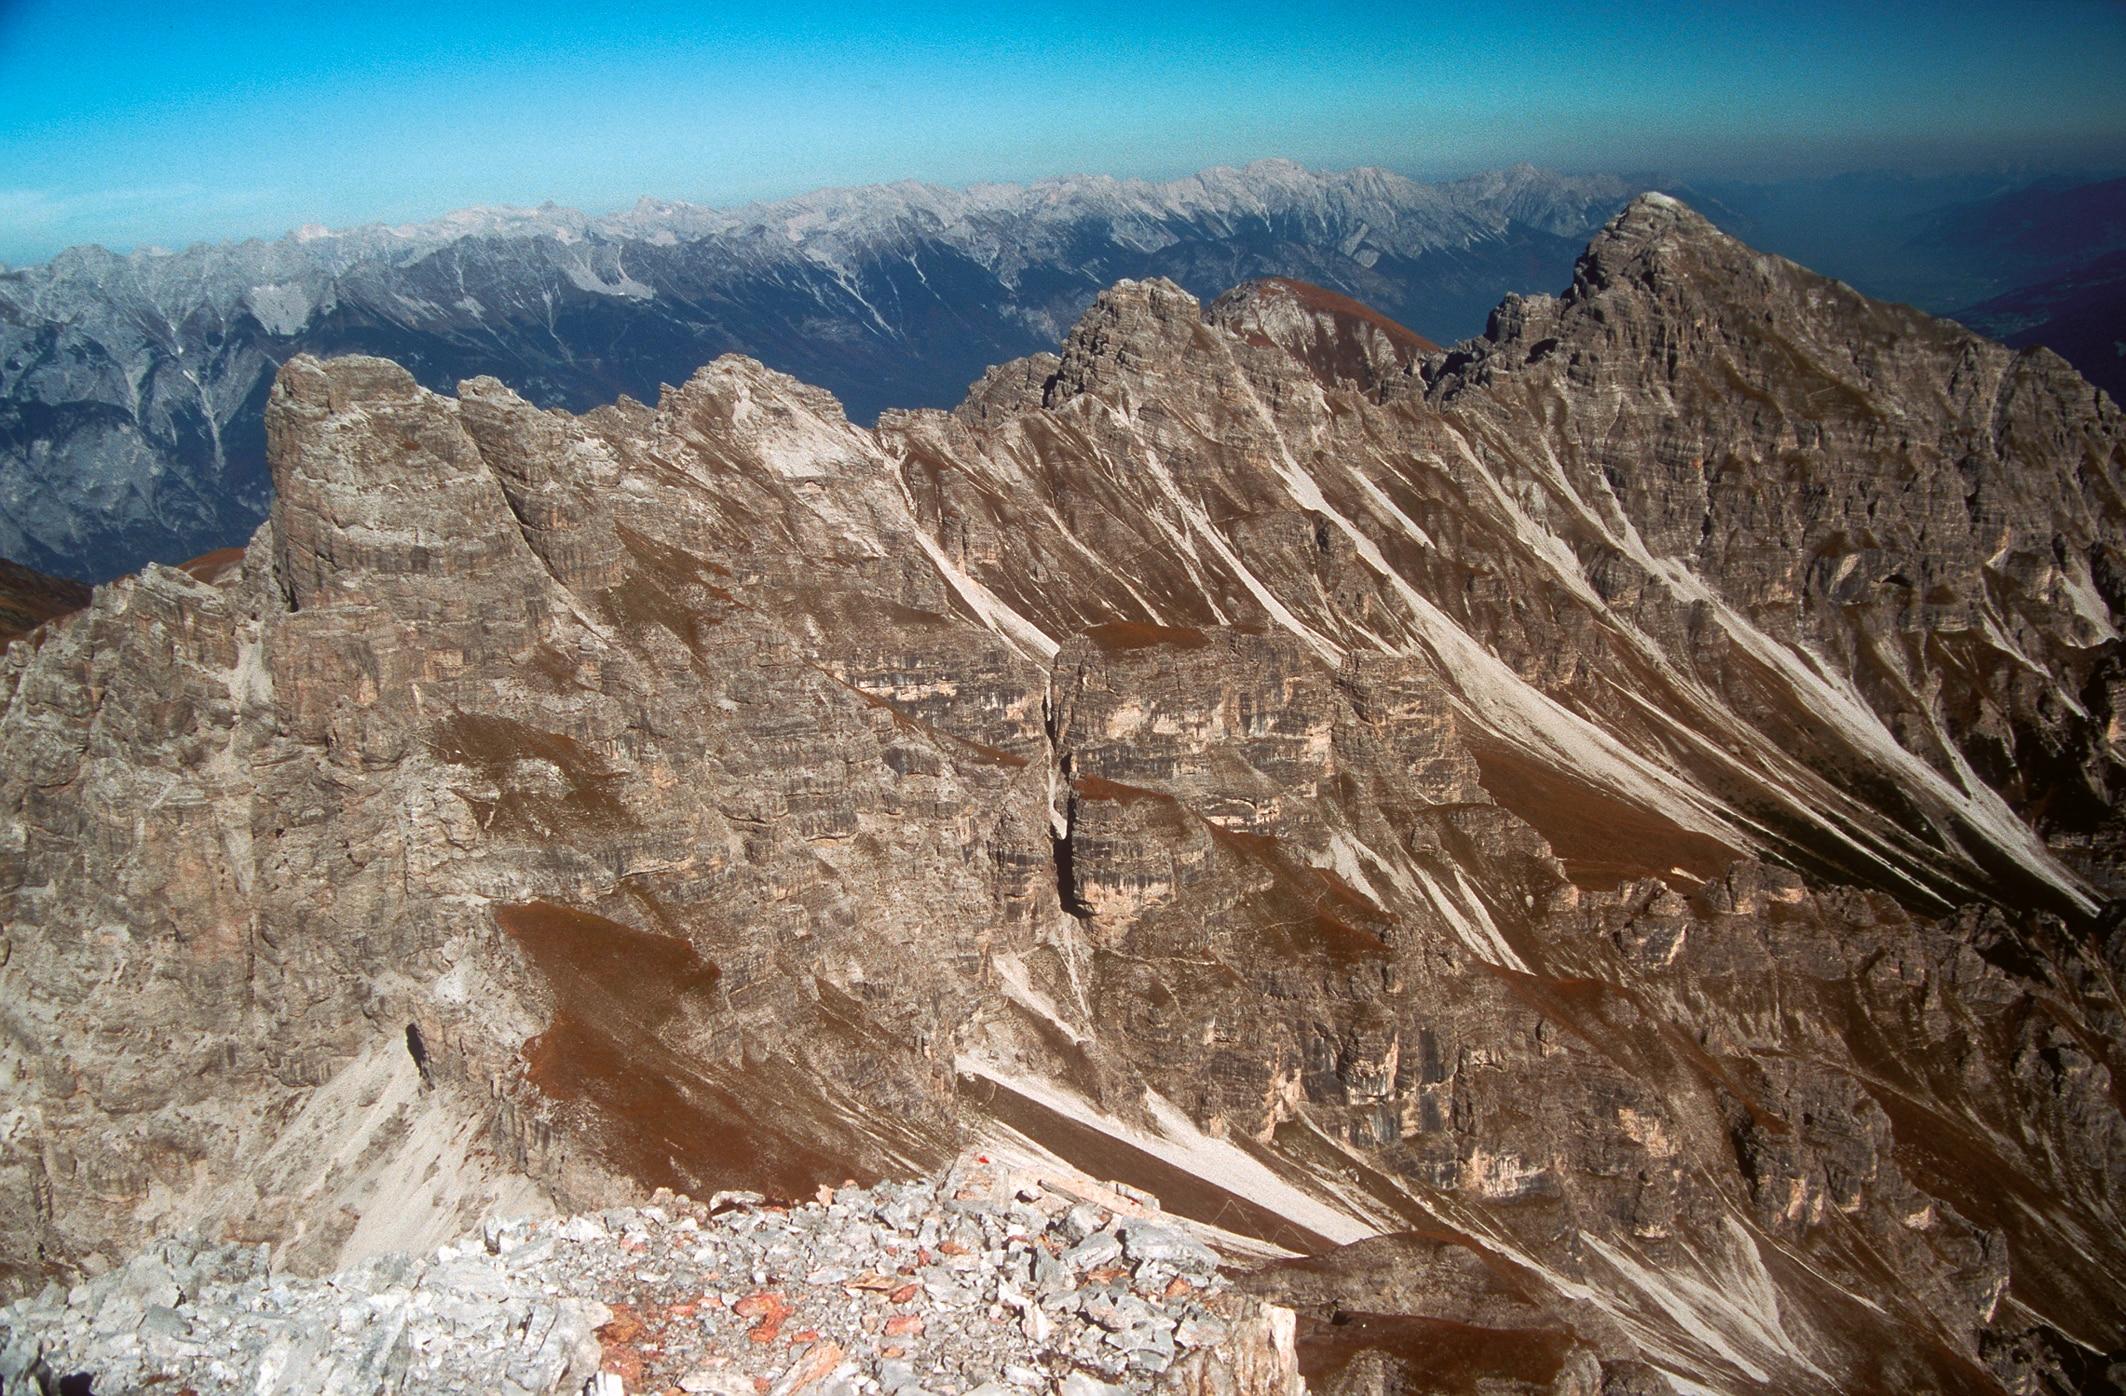 Klettersteig Innsbruck : Klettersteige innsbrucker klettersteig km bergwelten